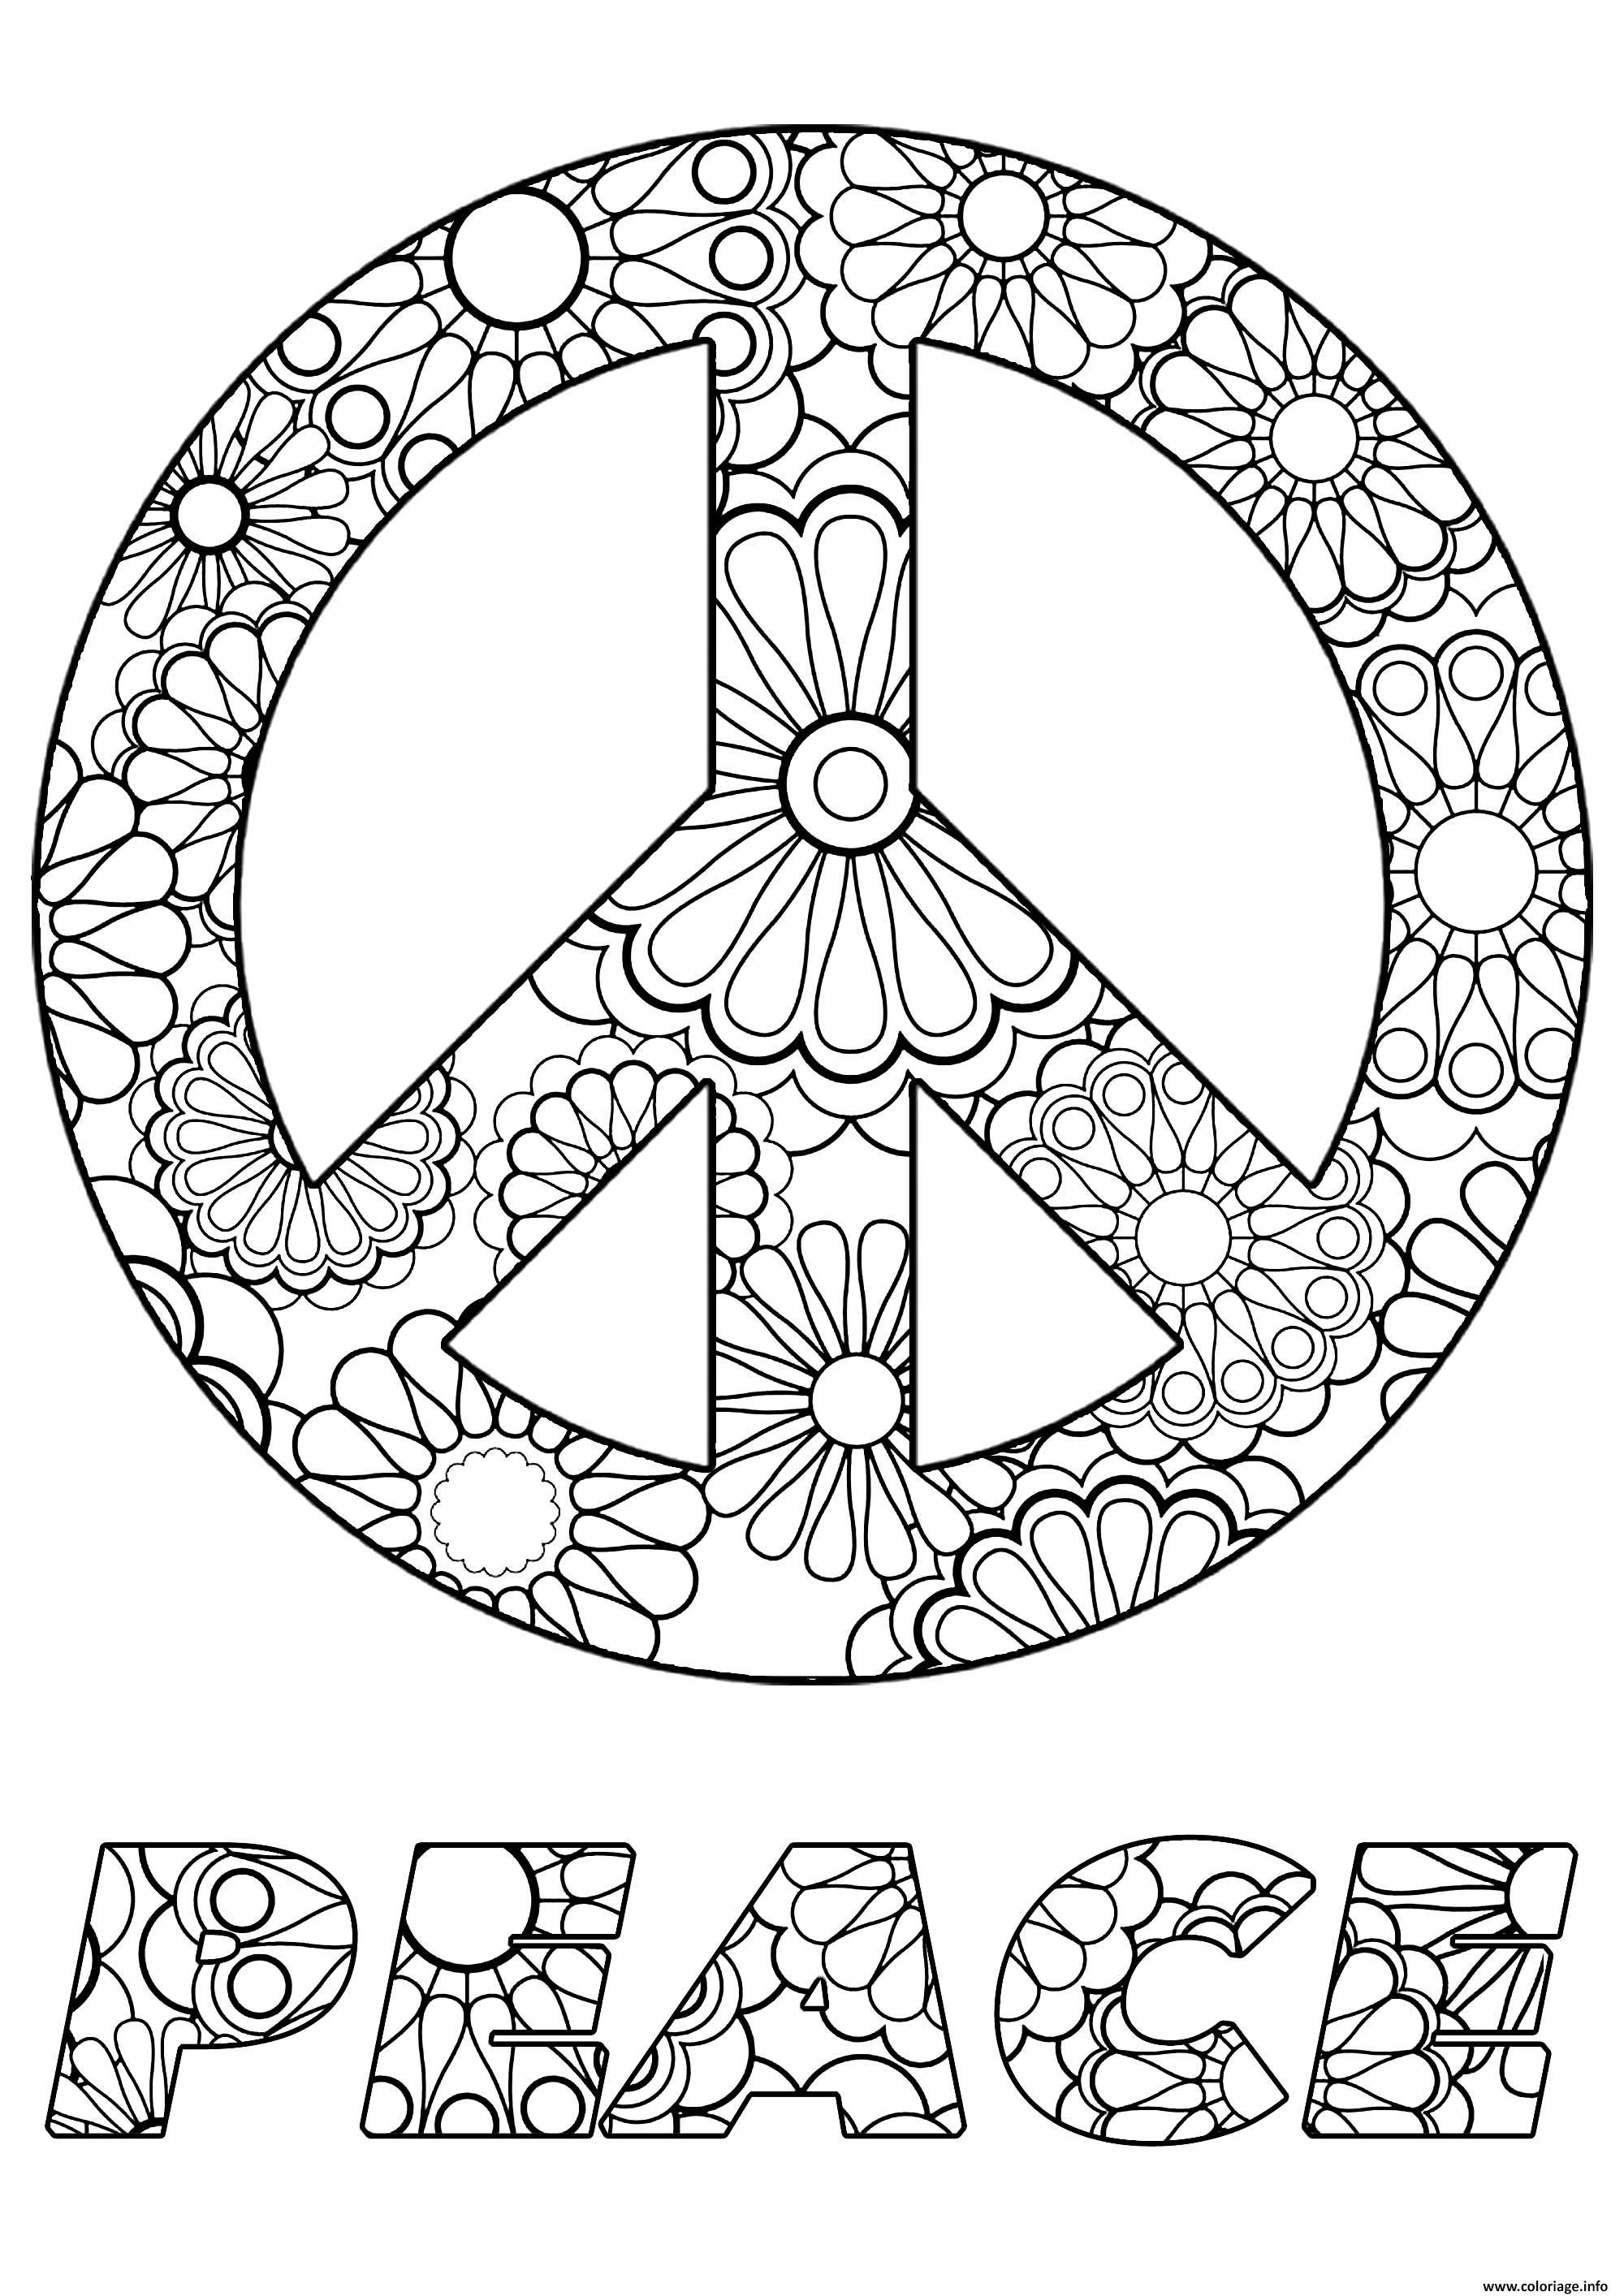 Coloriage Sumbole De Paix Peace En Anglais Motif Fleurs Dessin Paix A Imprimer